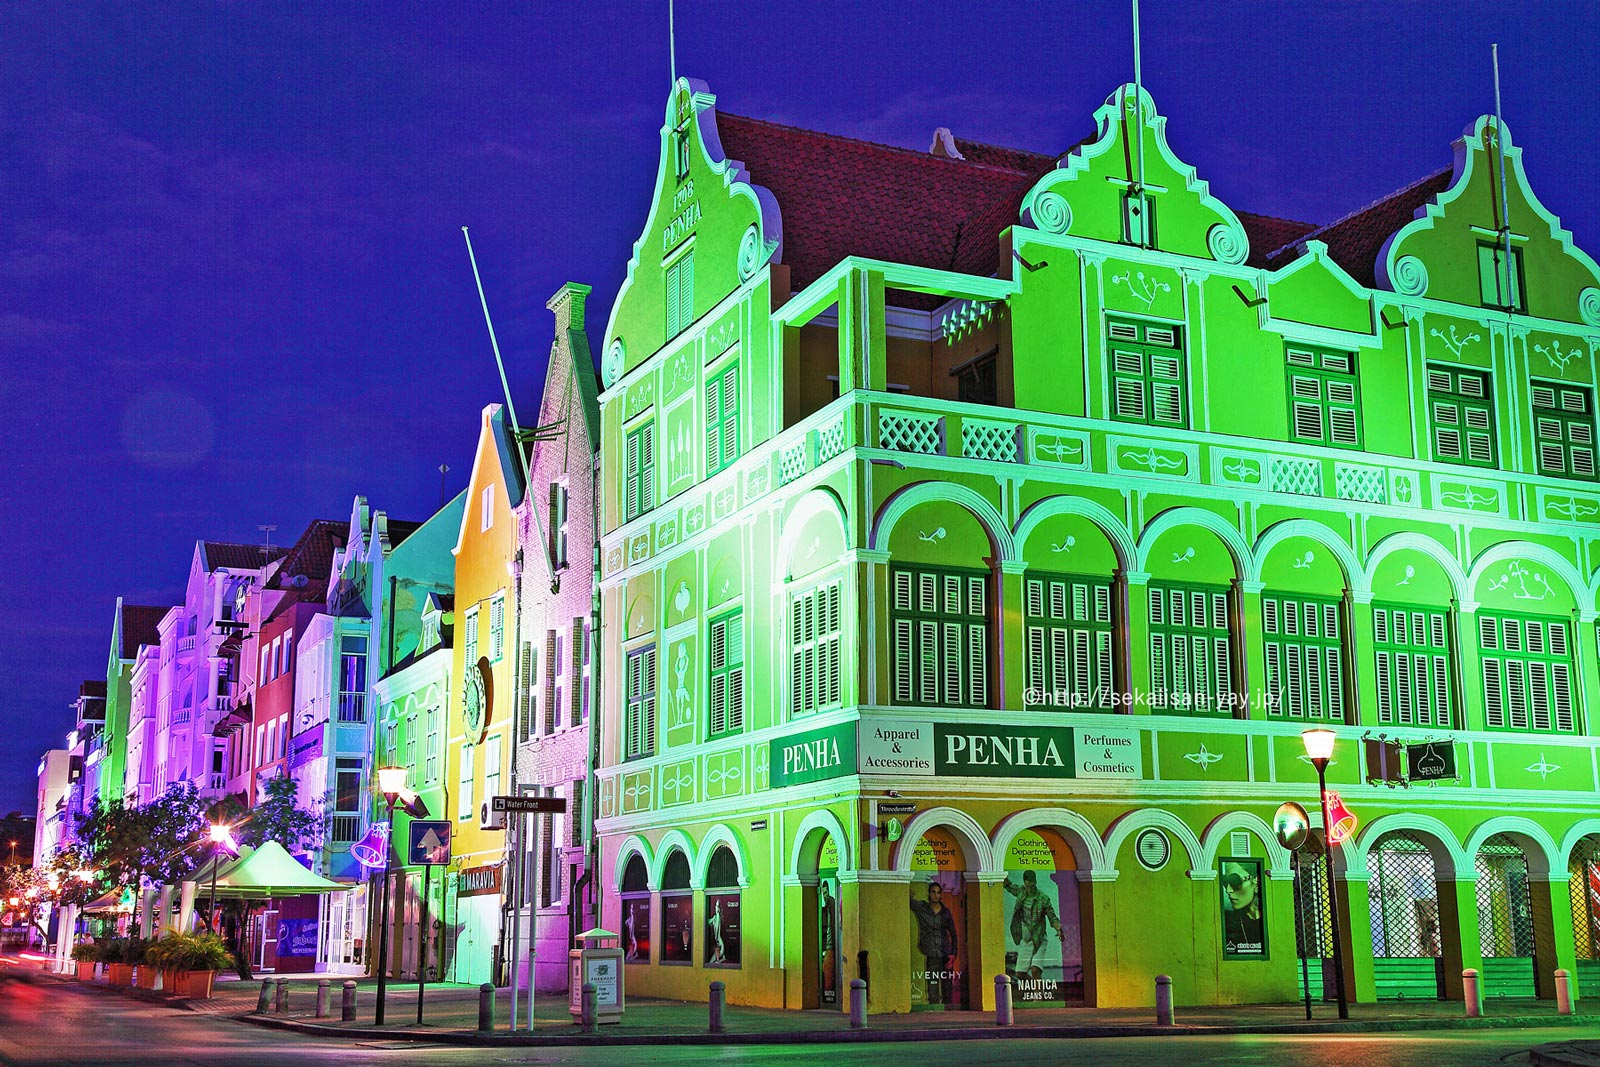 オランダ(キュラソー島@カリブ海)「港町ヴィレムスタット歴史地域」